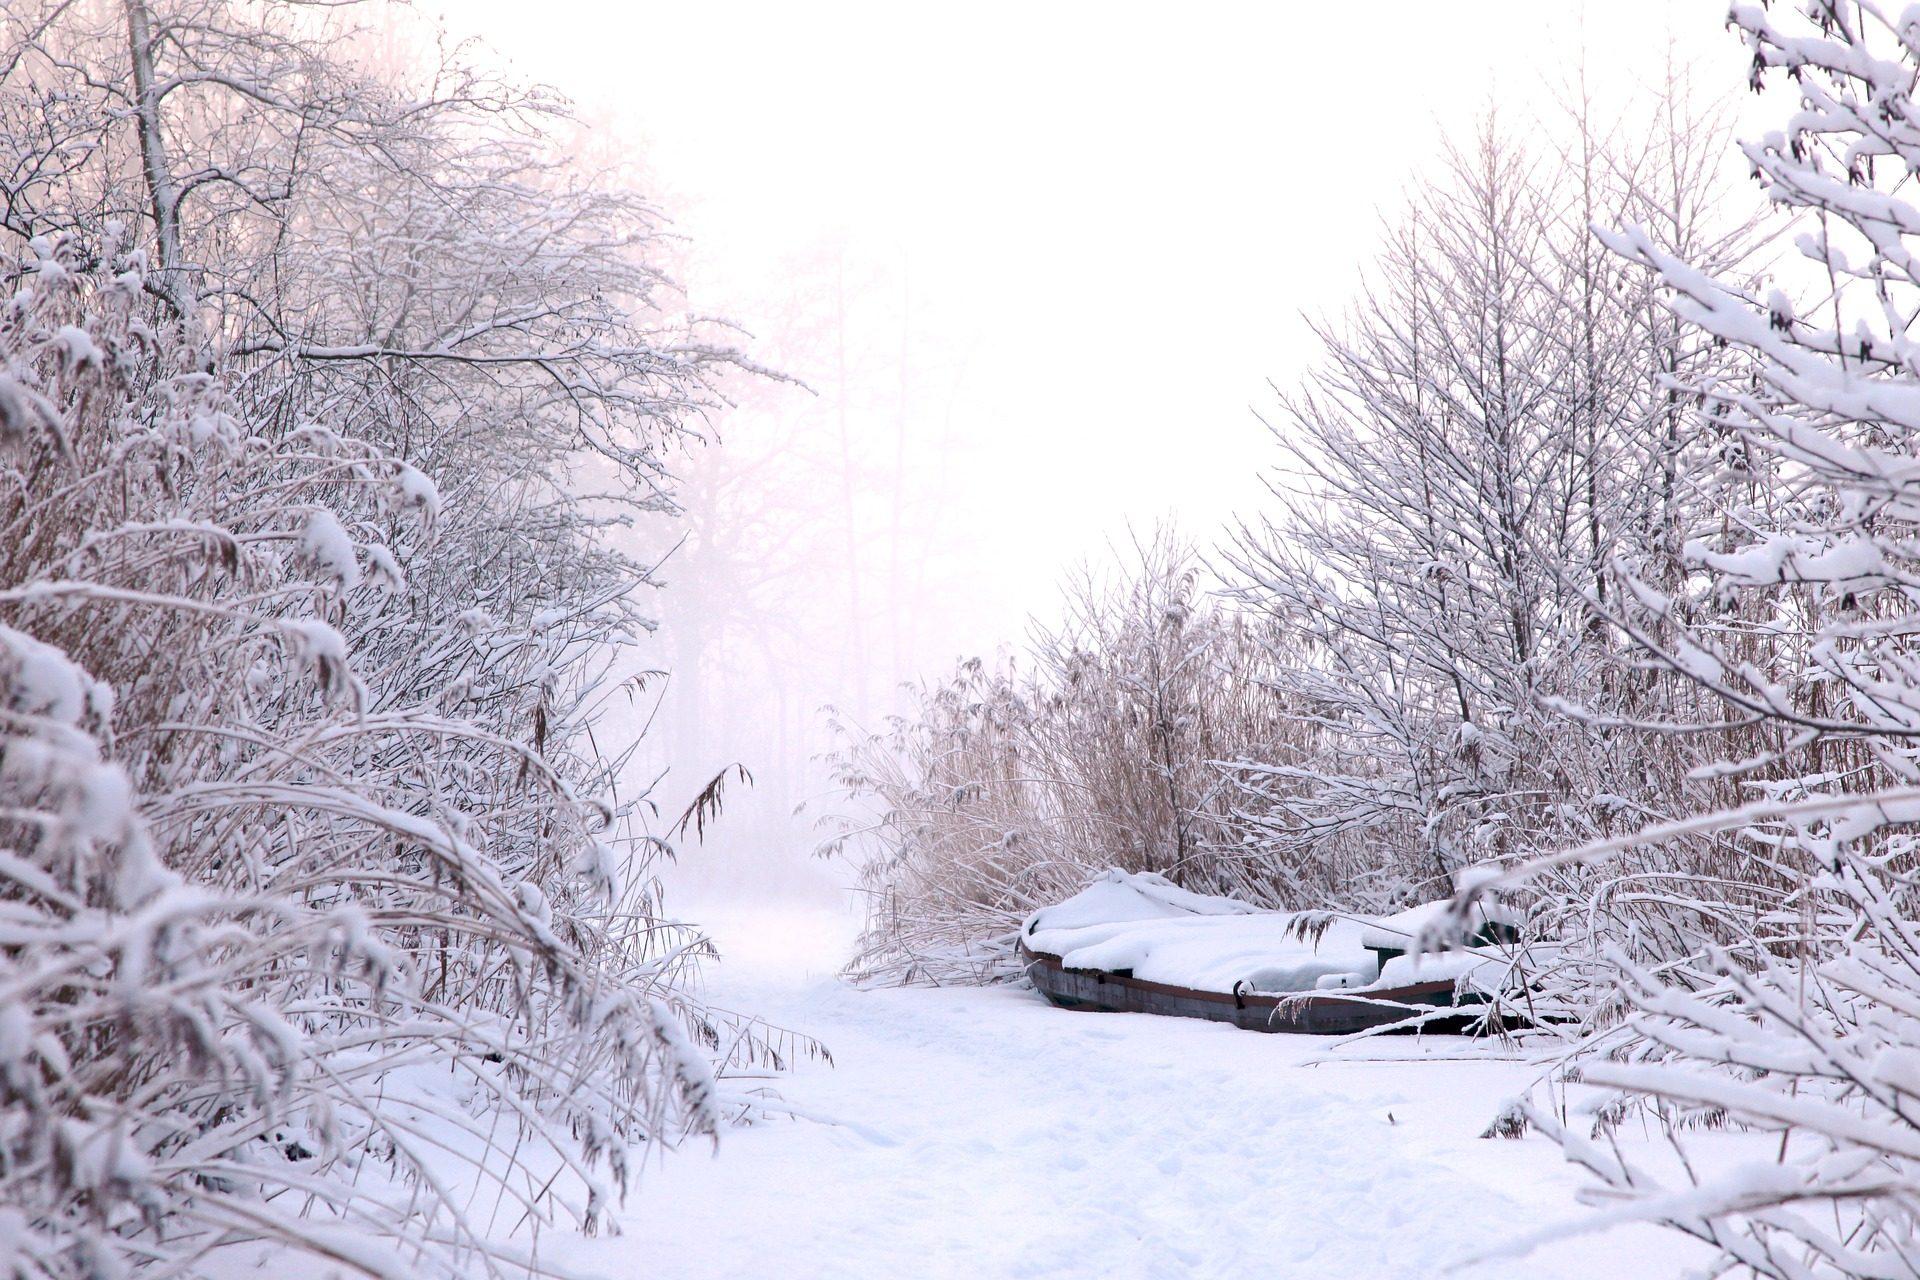 雪, 内华达, 树木, 冰, 感冒, 冬天 - 高清壁纸 - 教授-falken.com